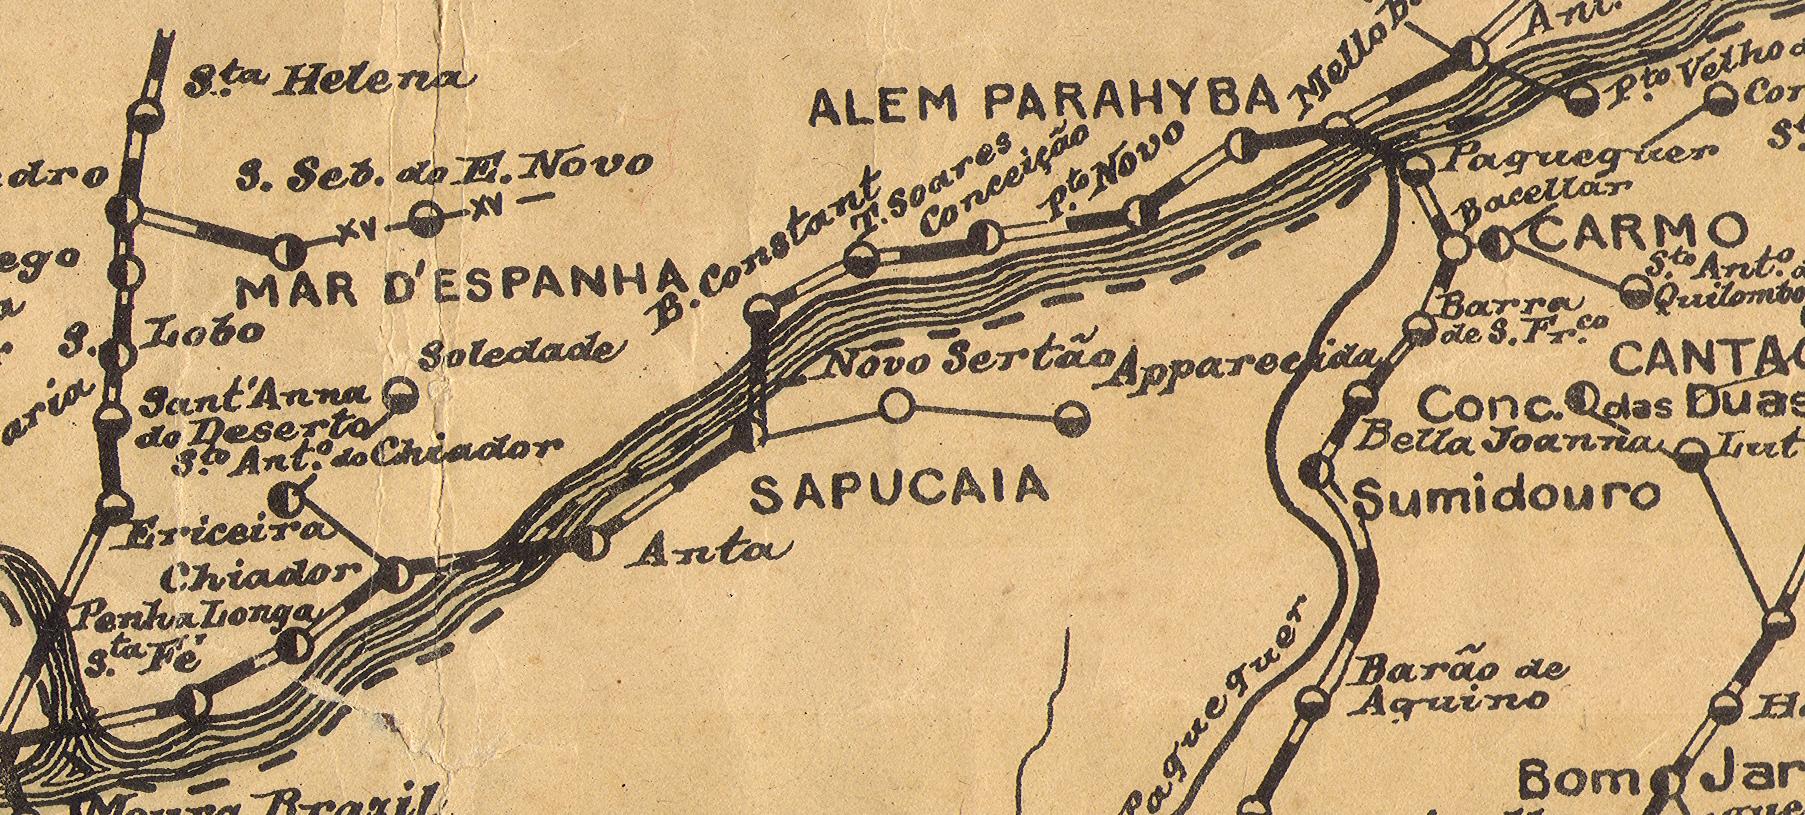 sapucaia-mapa-postal-de-1928